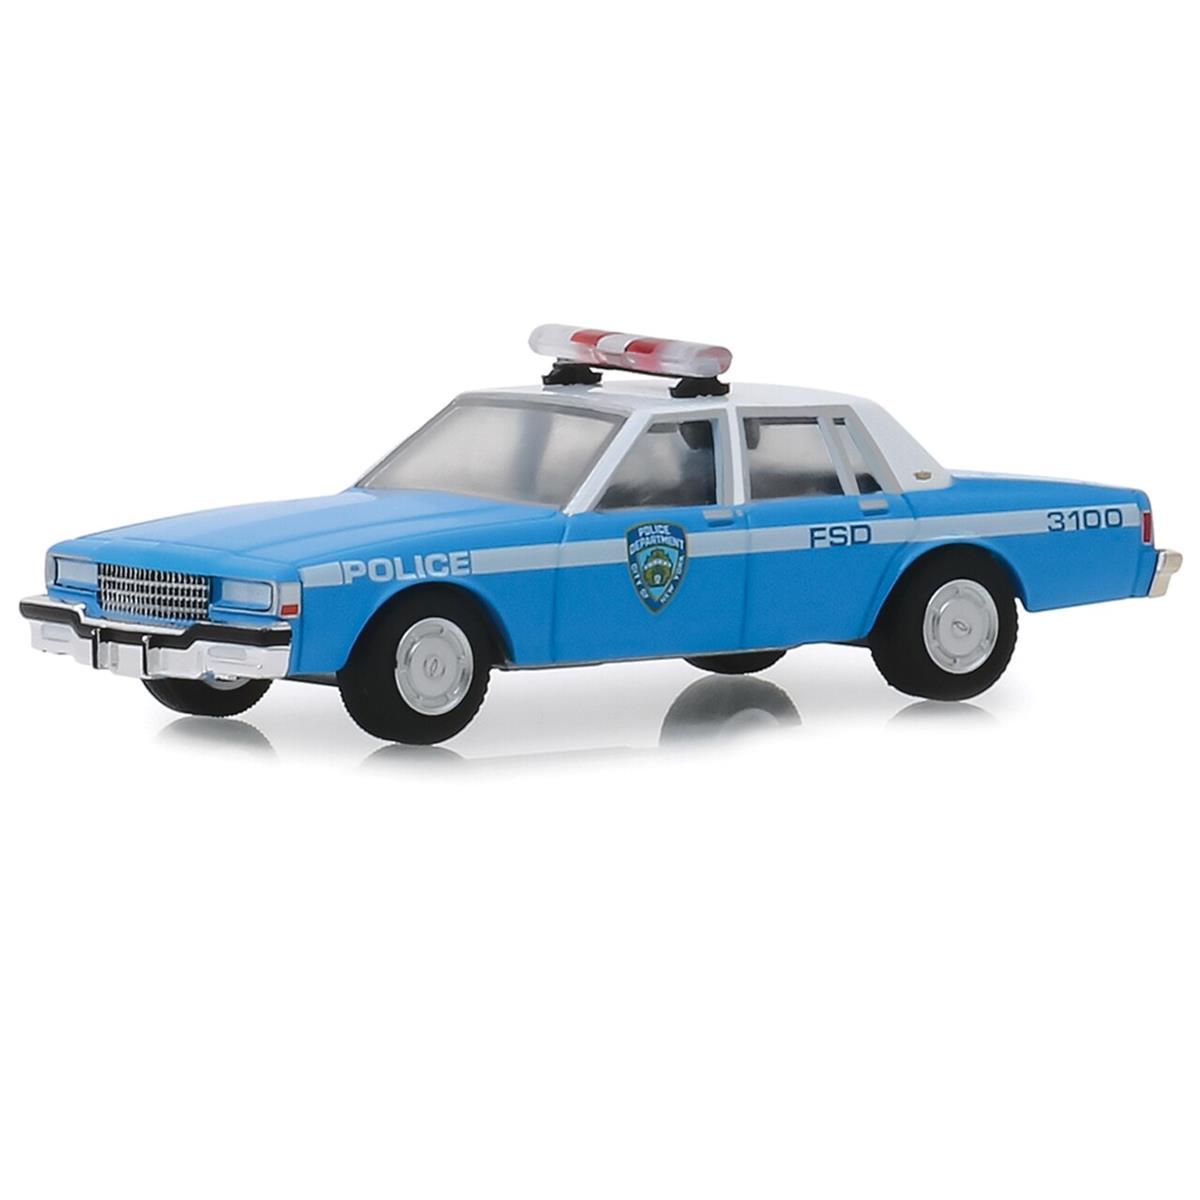 【送料無料】 Greenlight 1990 NYPD Chevrolet シボレー Caprice Patrol Car 1/64 Scale スケール Diecast Model  Greenlight 1990 NYPD Chevrolet シボレー Caprice Patrol Car 1/64 Scale スケール Diecast Model ダイキャスト ミニカー おもちゃ 玩具 コレクション ミニチュア ダイカス・...